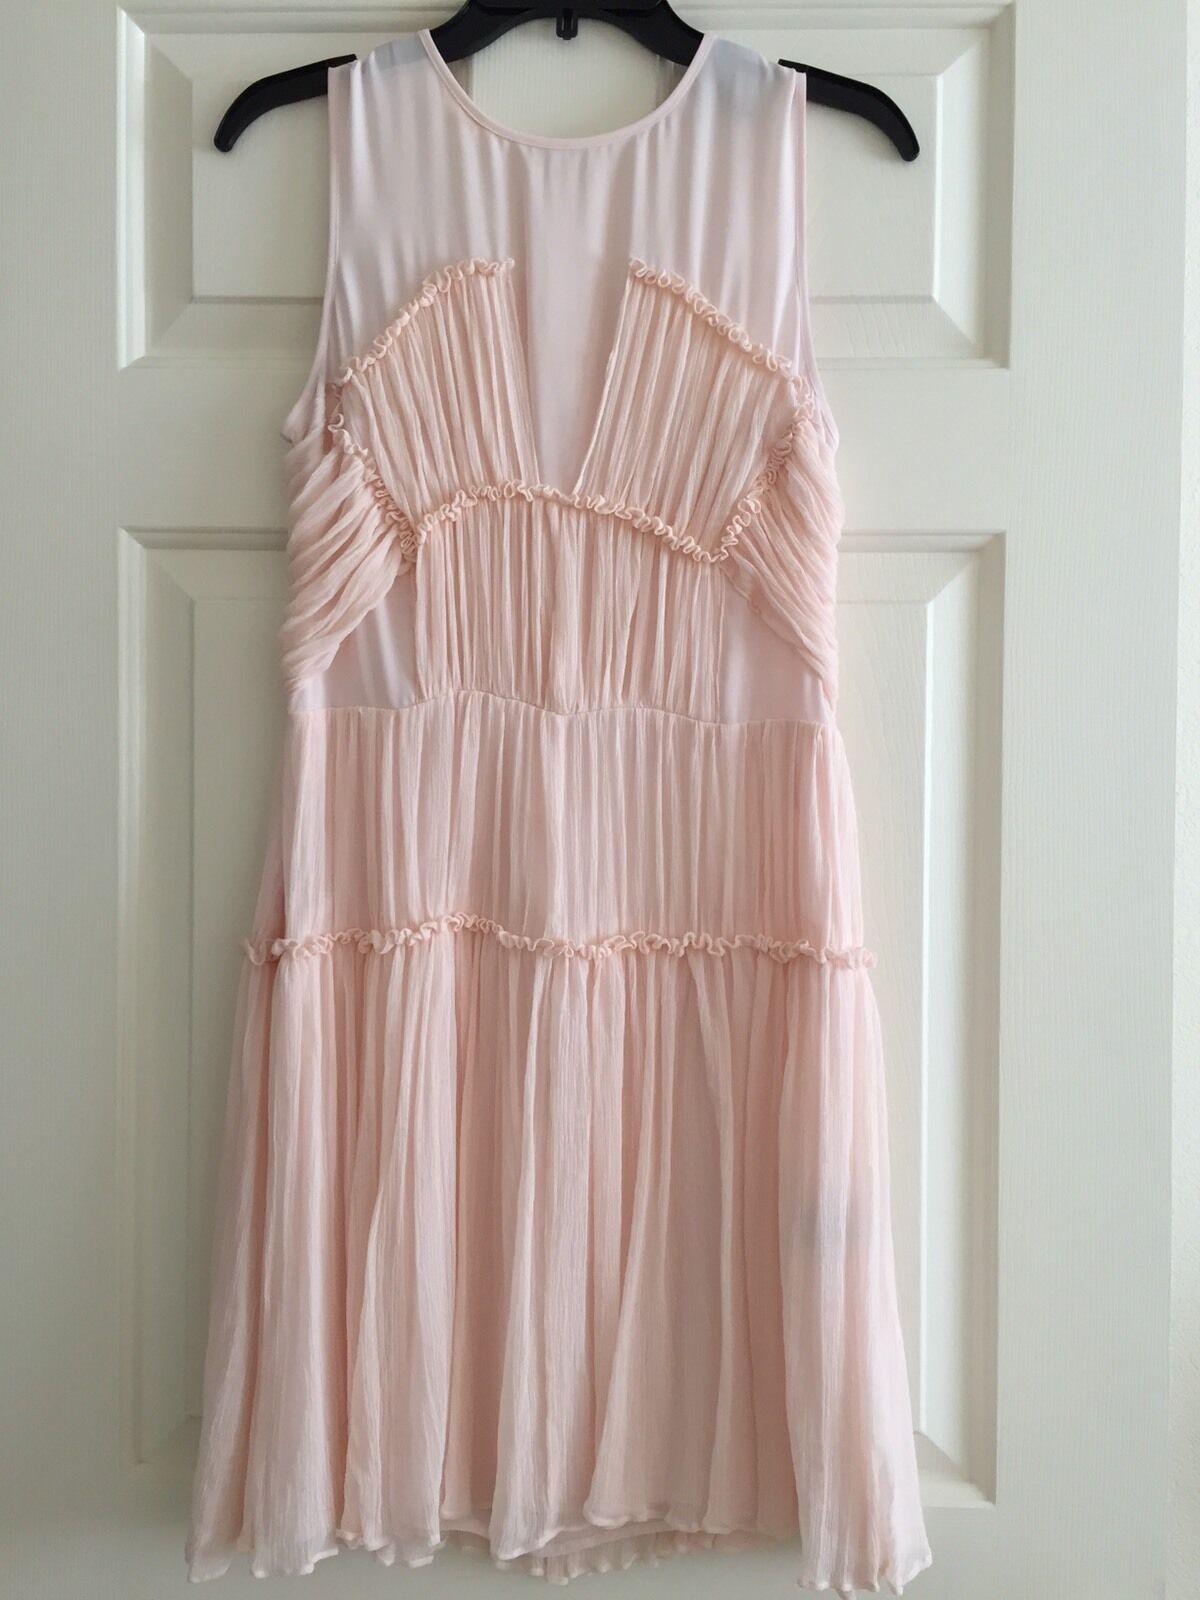 Cynthia Steffe Silk Dress Pale Pink Size 6 6 6 New e90900